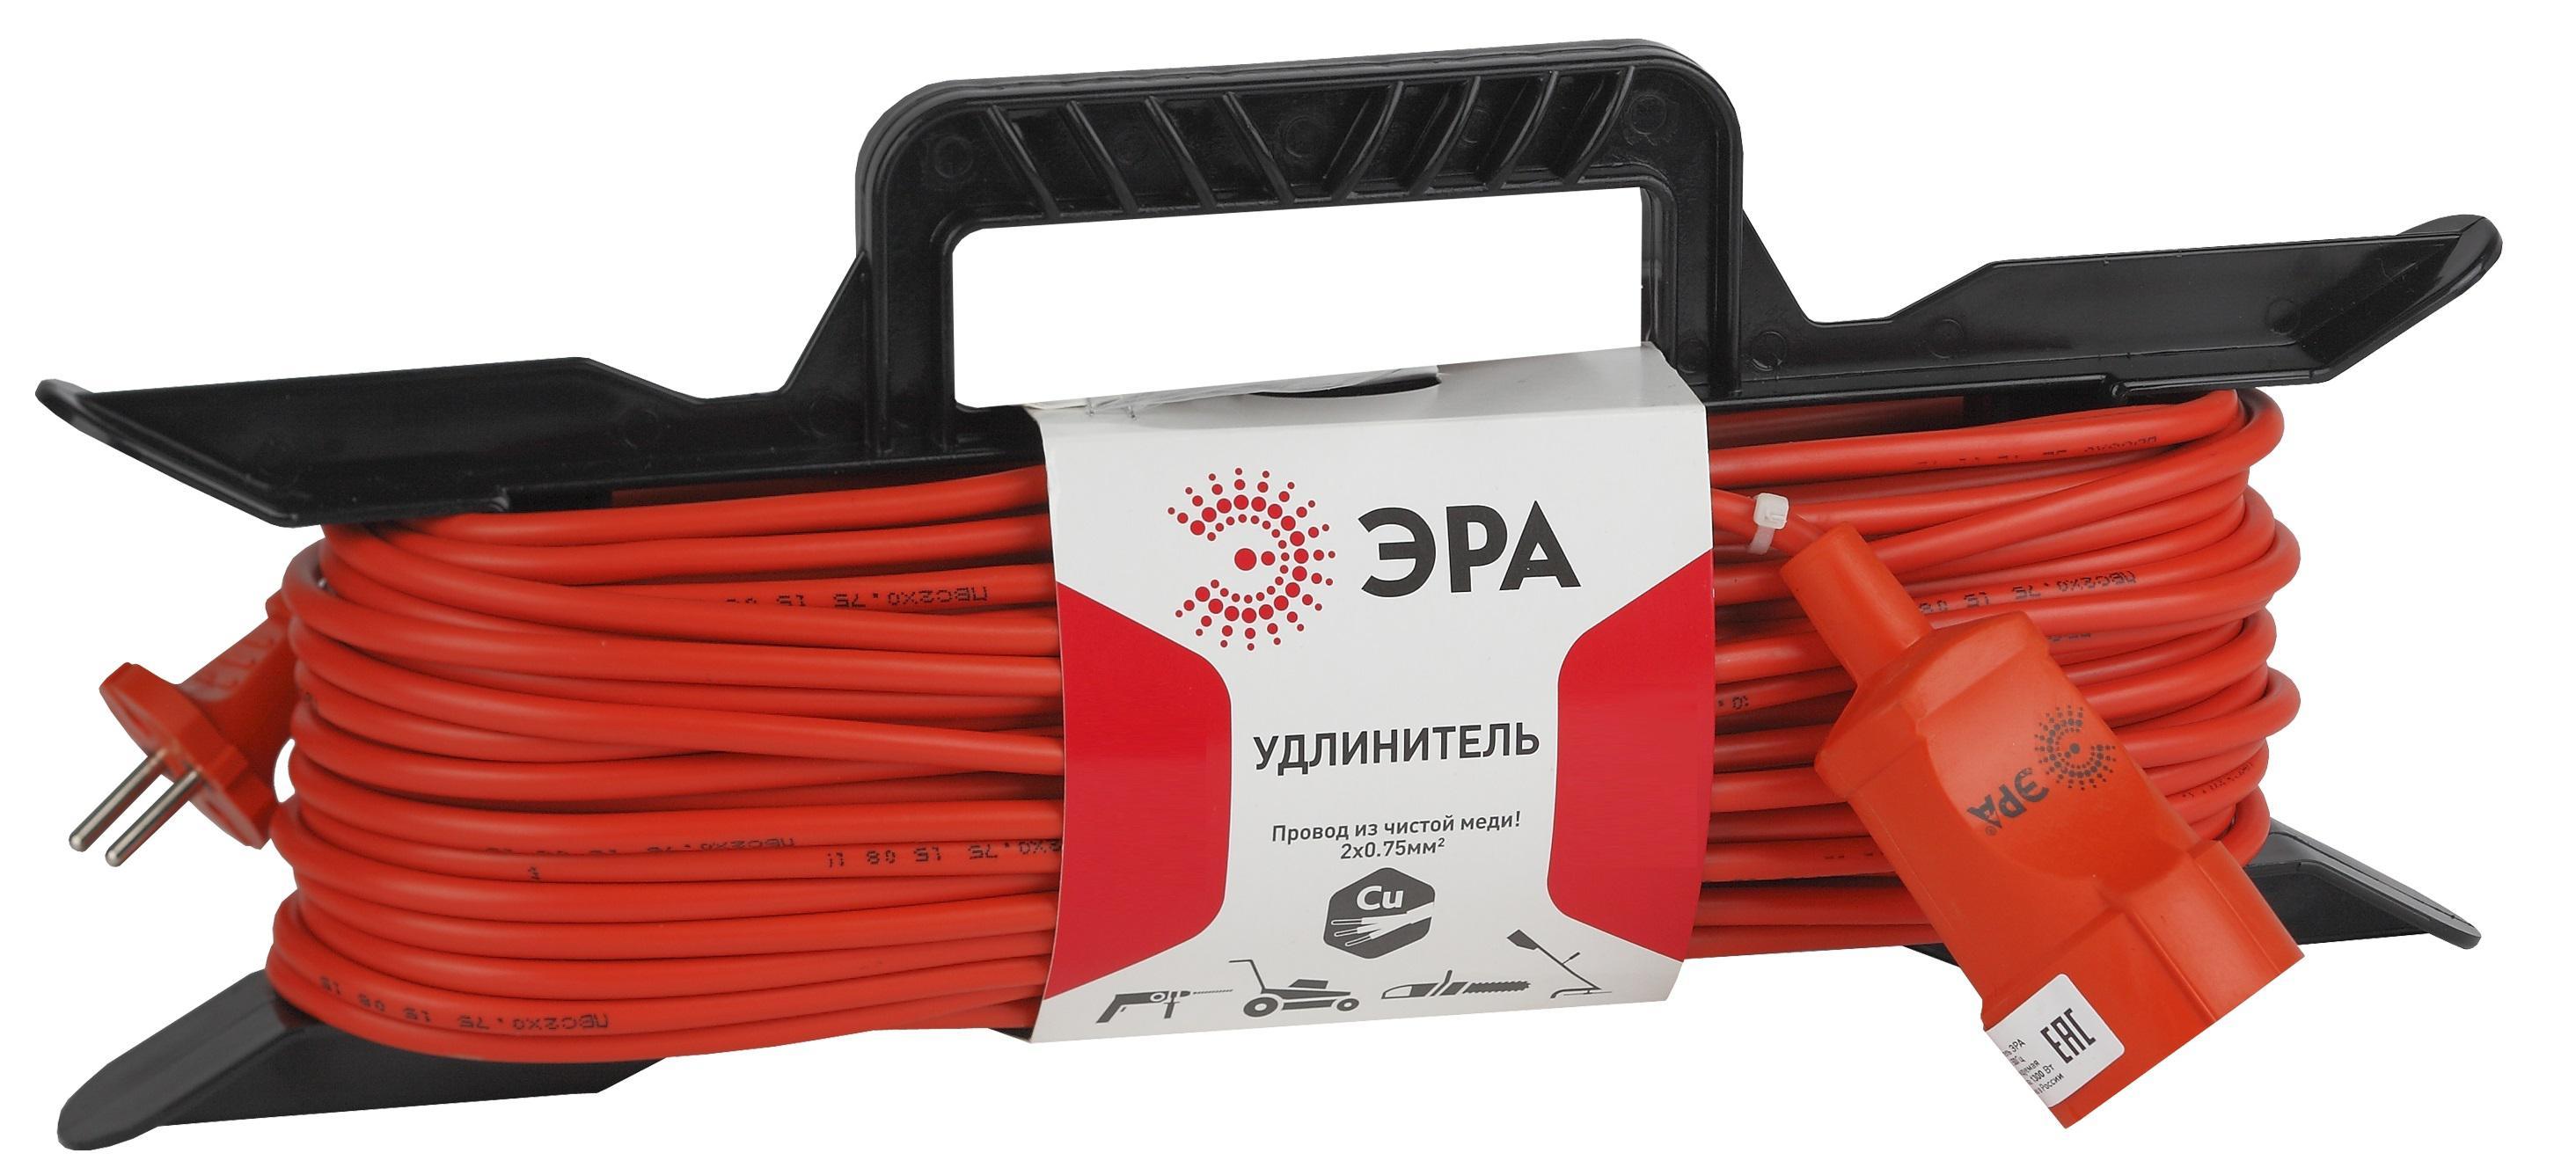 Удлинитель ЭРА Uf-1-2x0.75-40m Б0020351